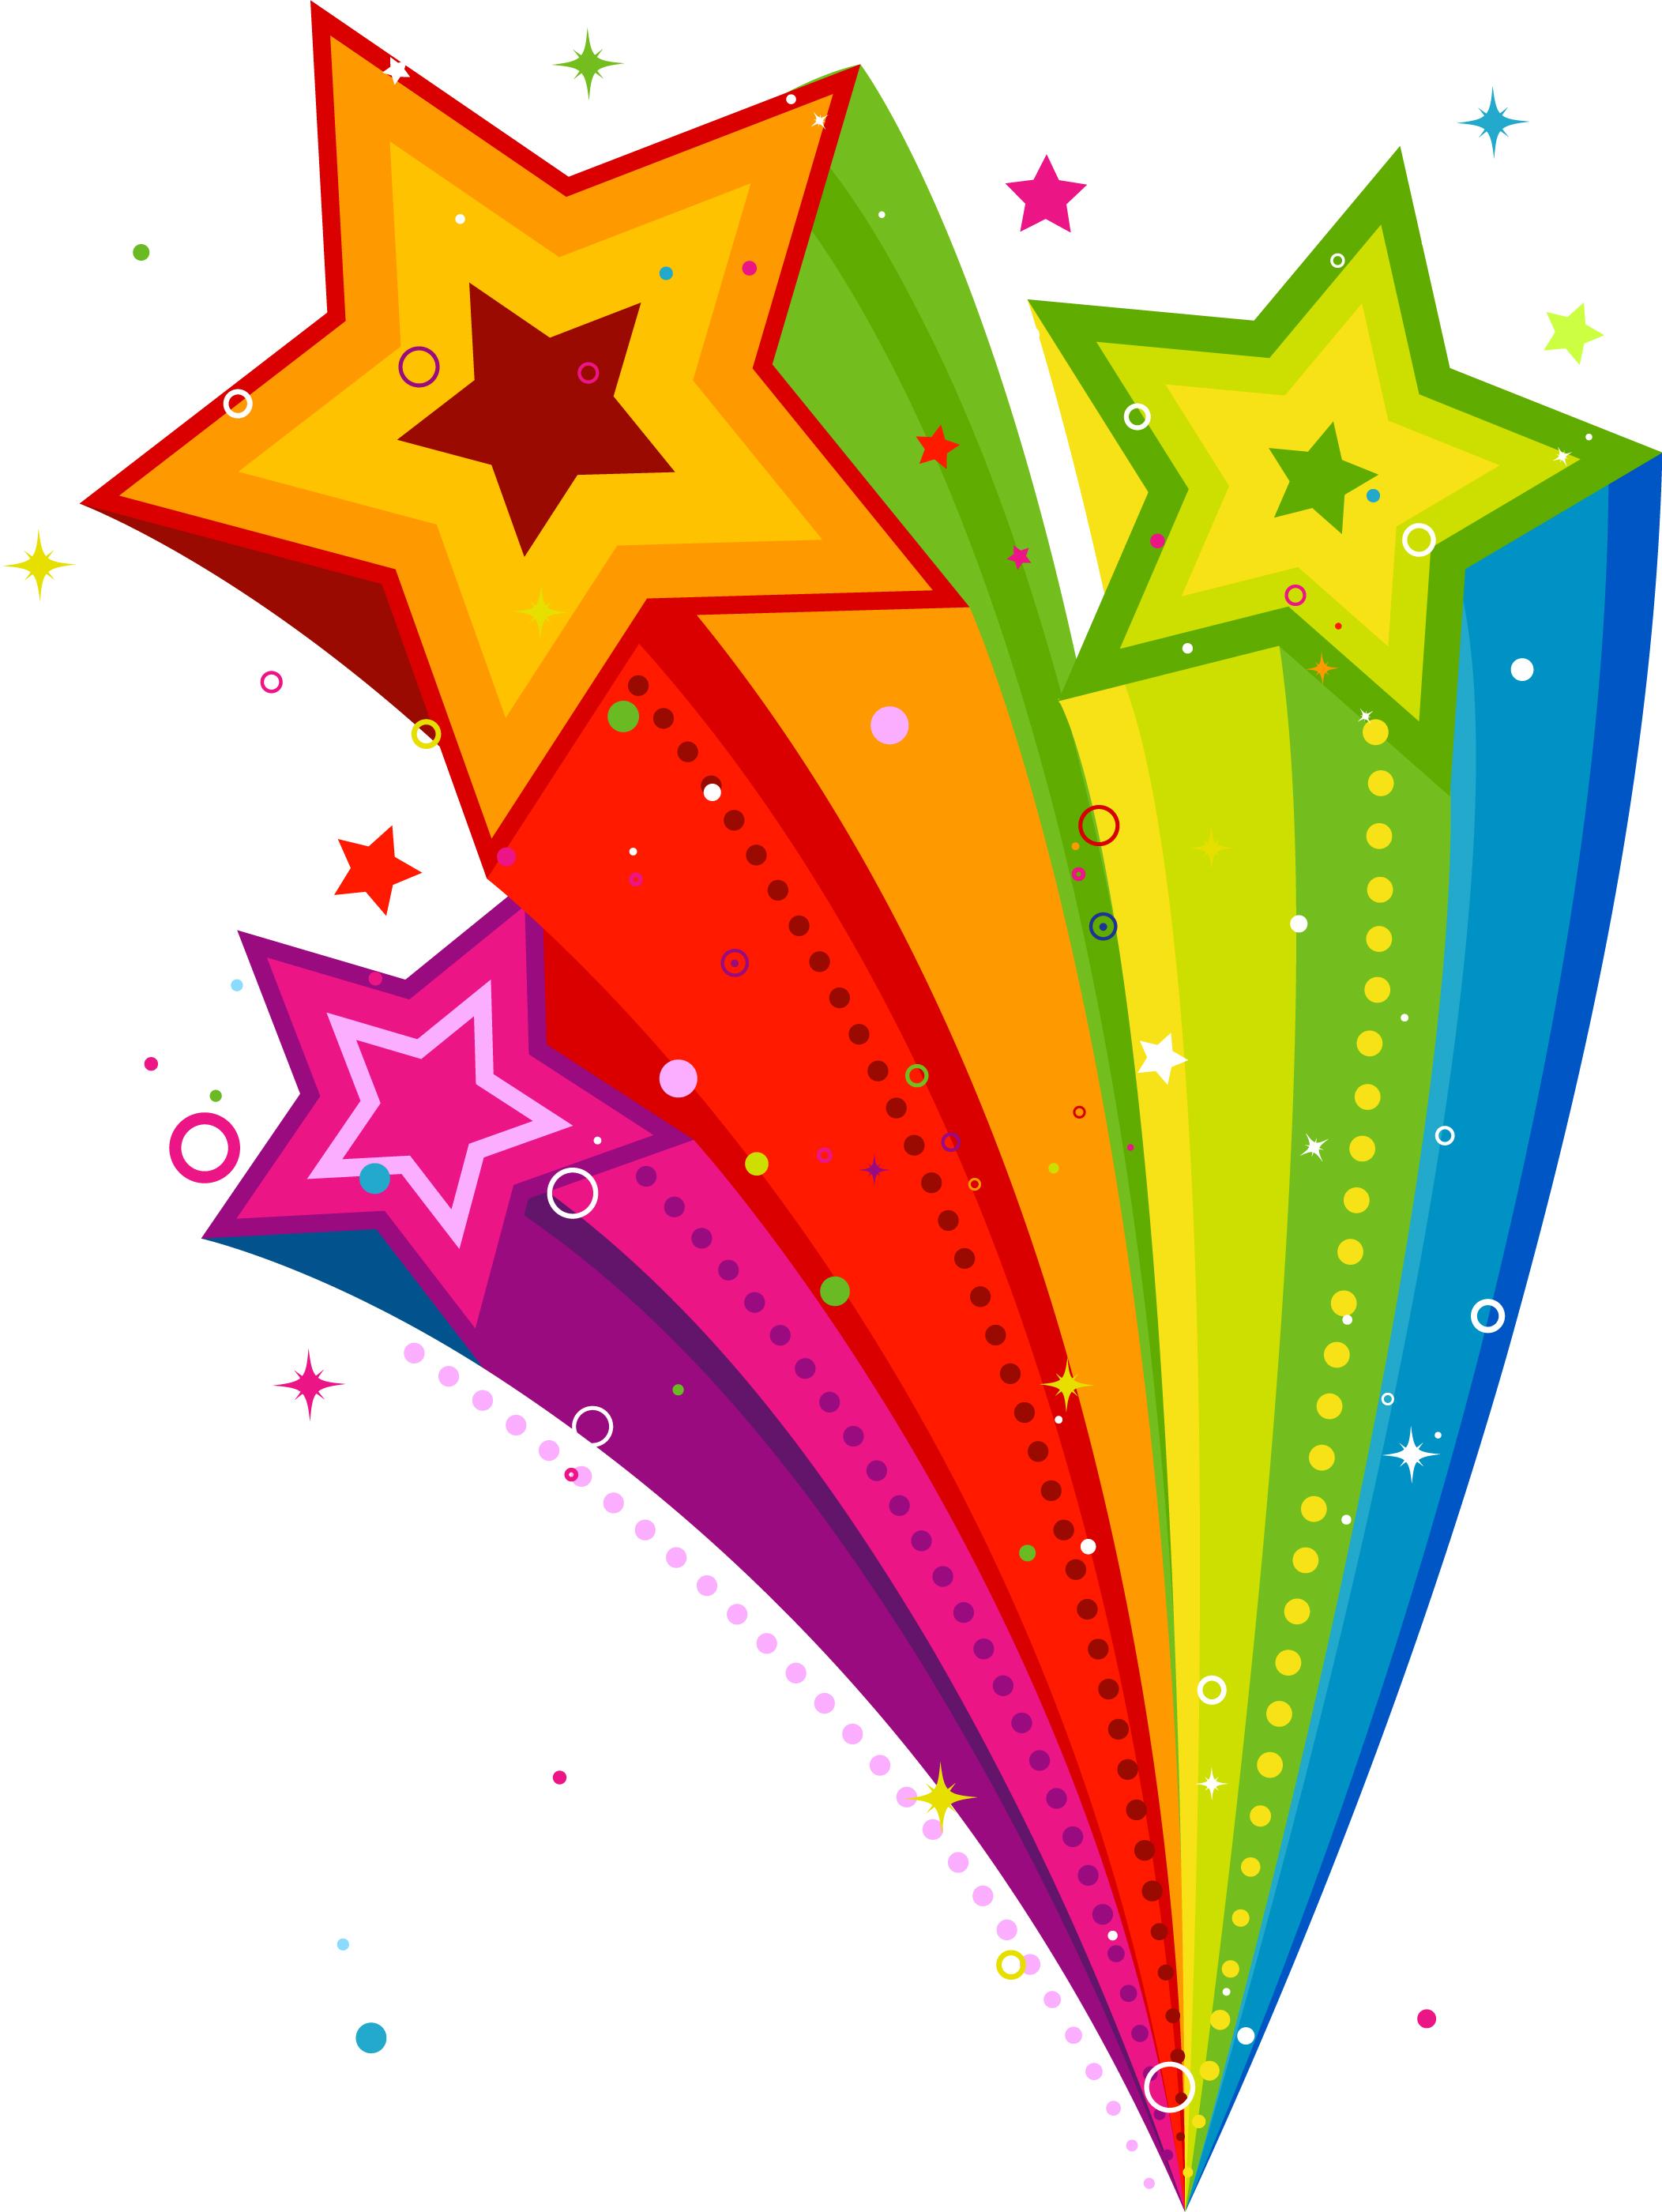 august 2012 hcpl teenscene starburst graphics free clip art starburst graphic free